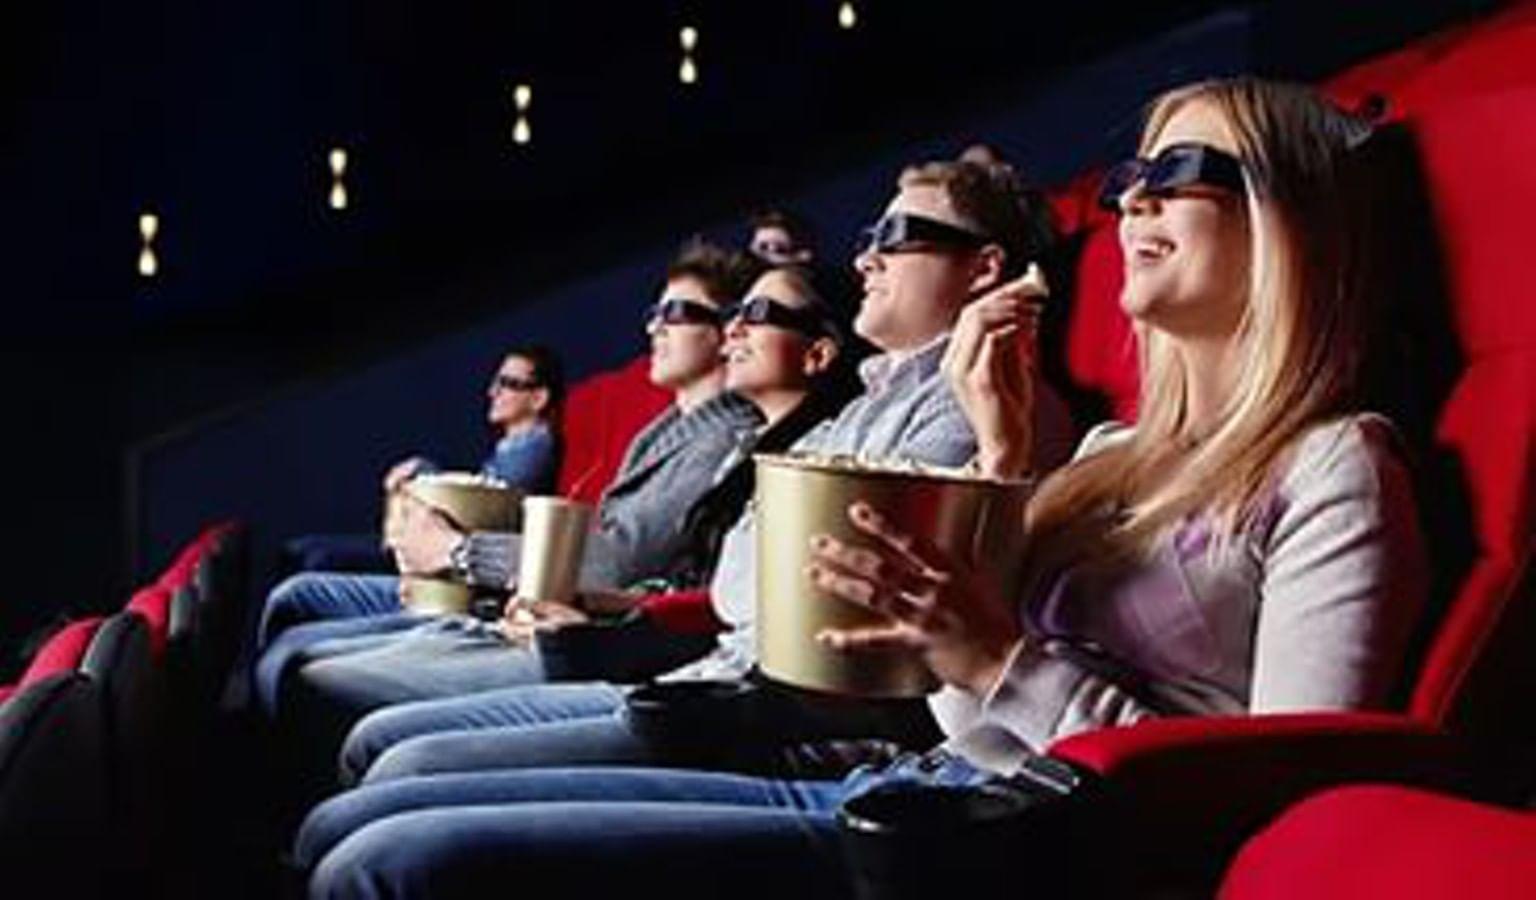 В театр можно надеть самое красивое платье, а в кино приходят в джинсах